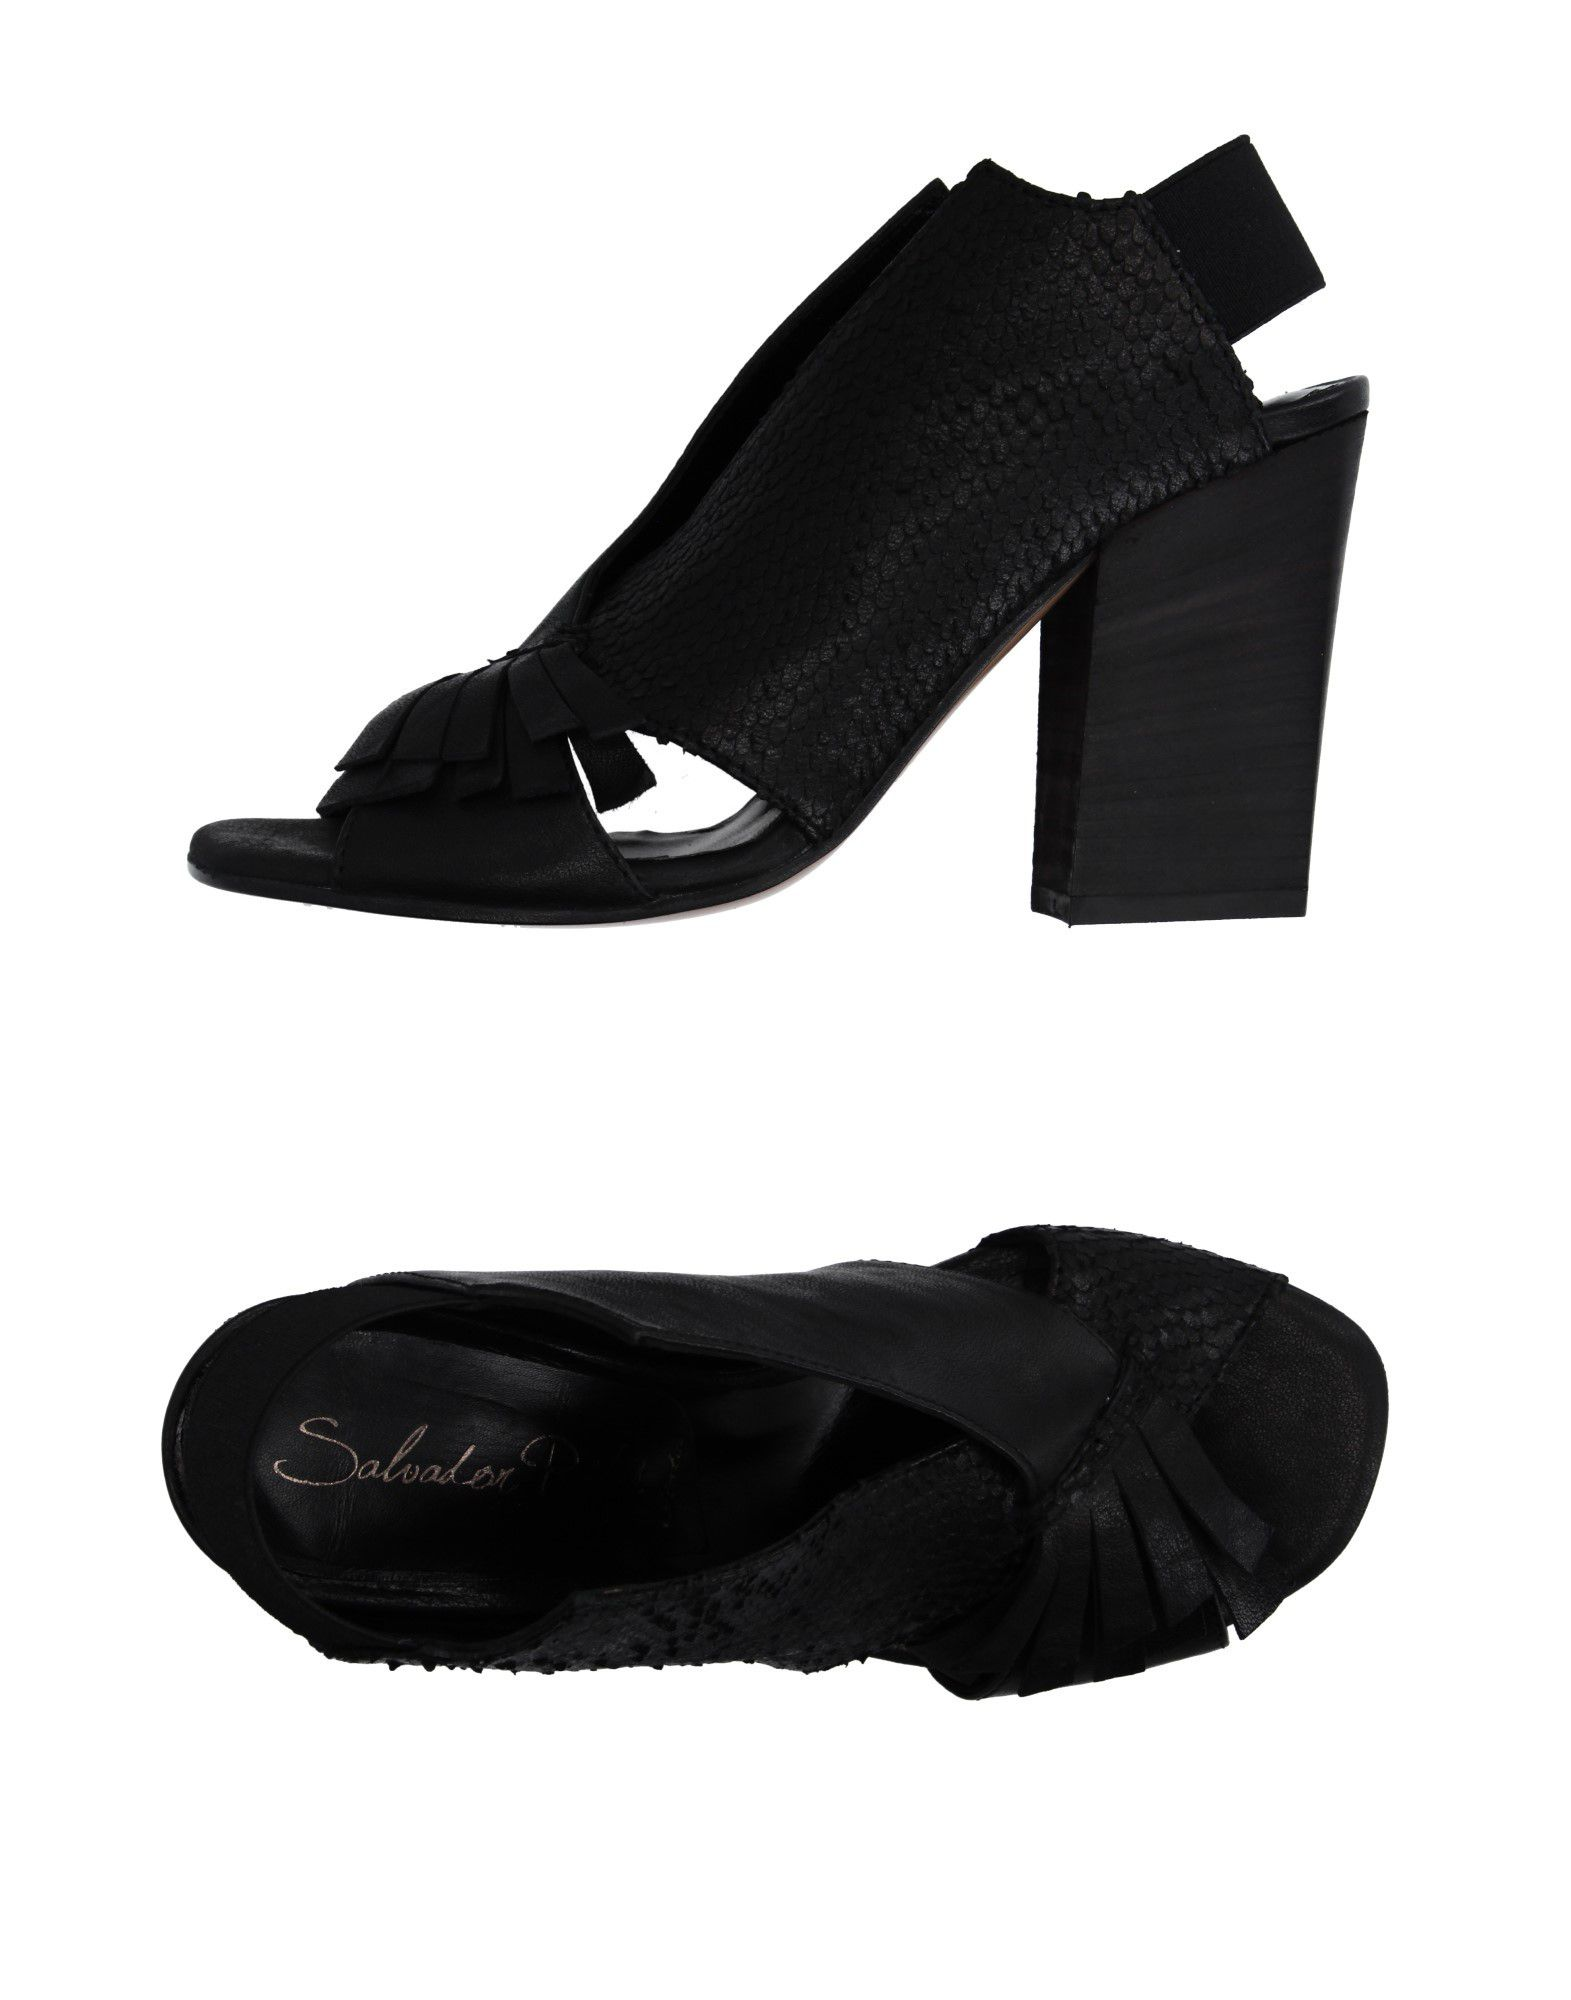 Salvador Schuhe Ribes Sandalen Damen  11104130FJ Neue Schuhe Salvador eba412